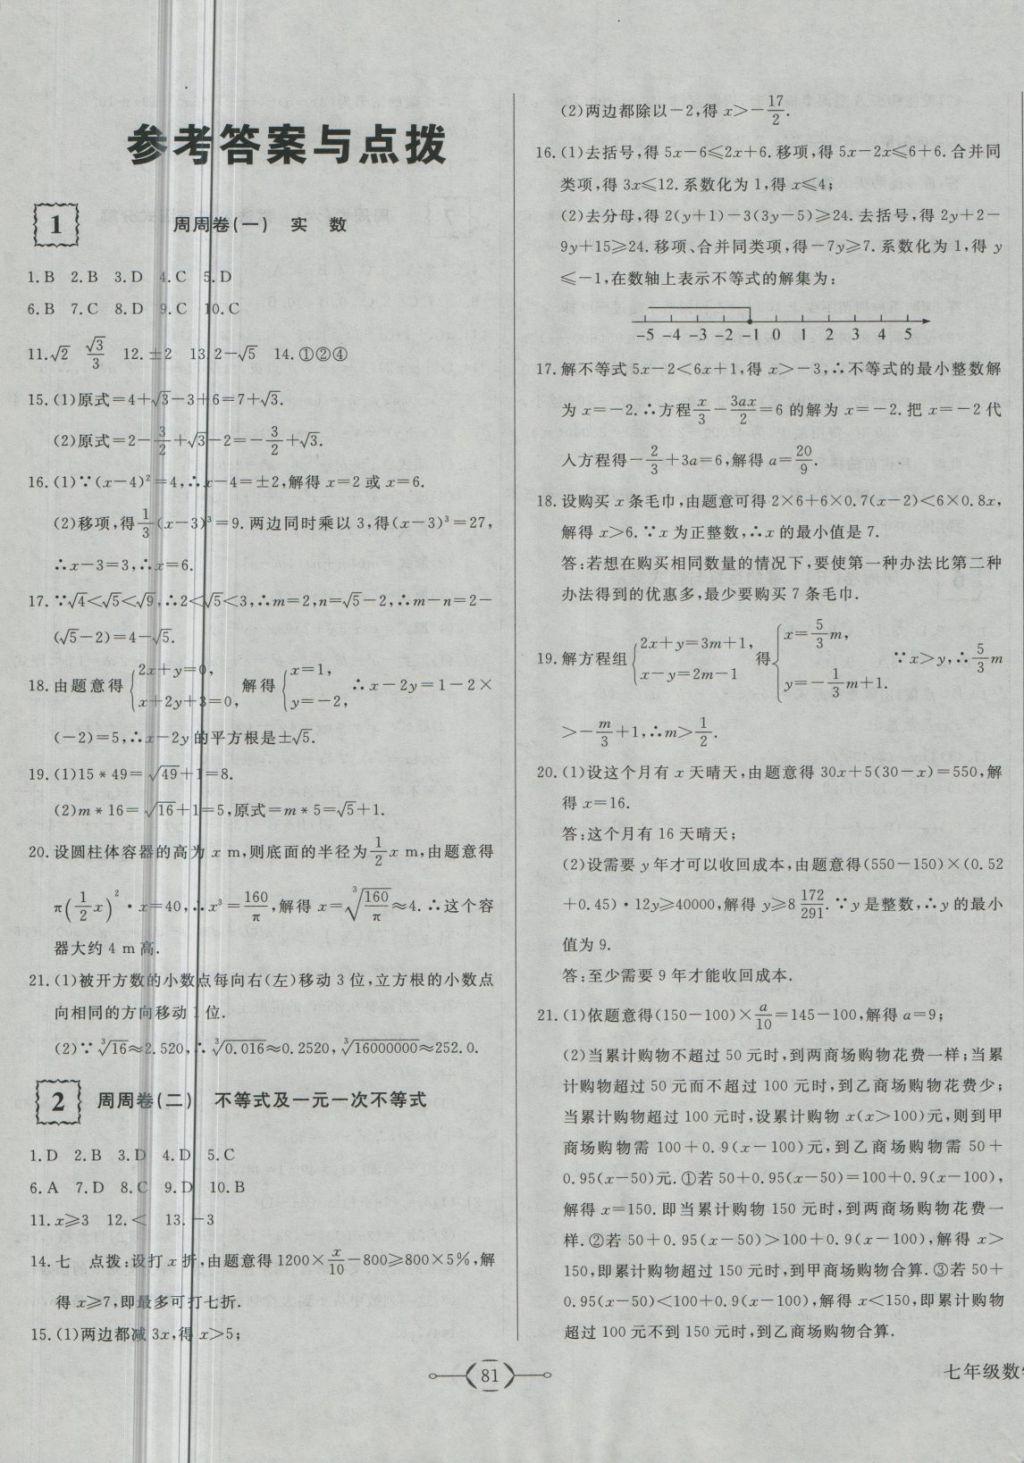 2018年优下册周周卷数学初中七干线年级沪科初中计算题代数式图片